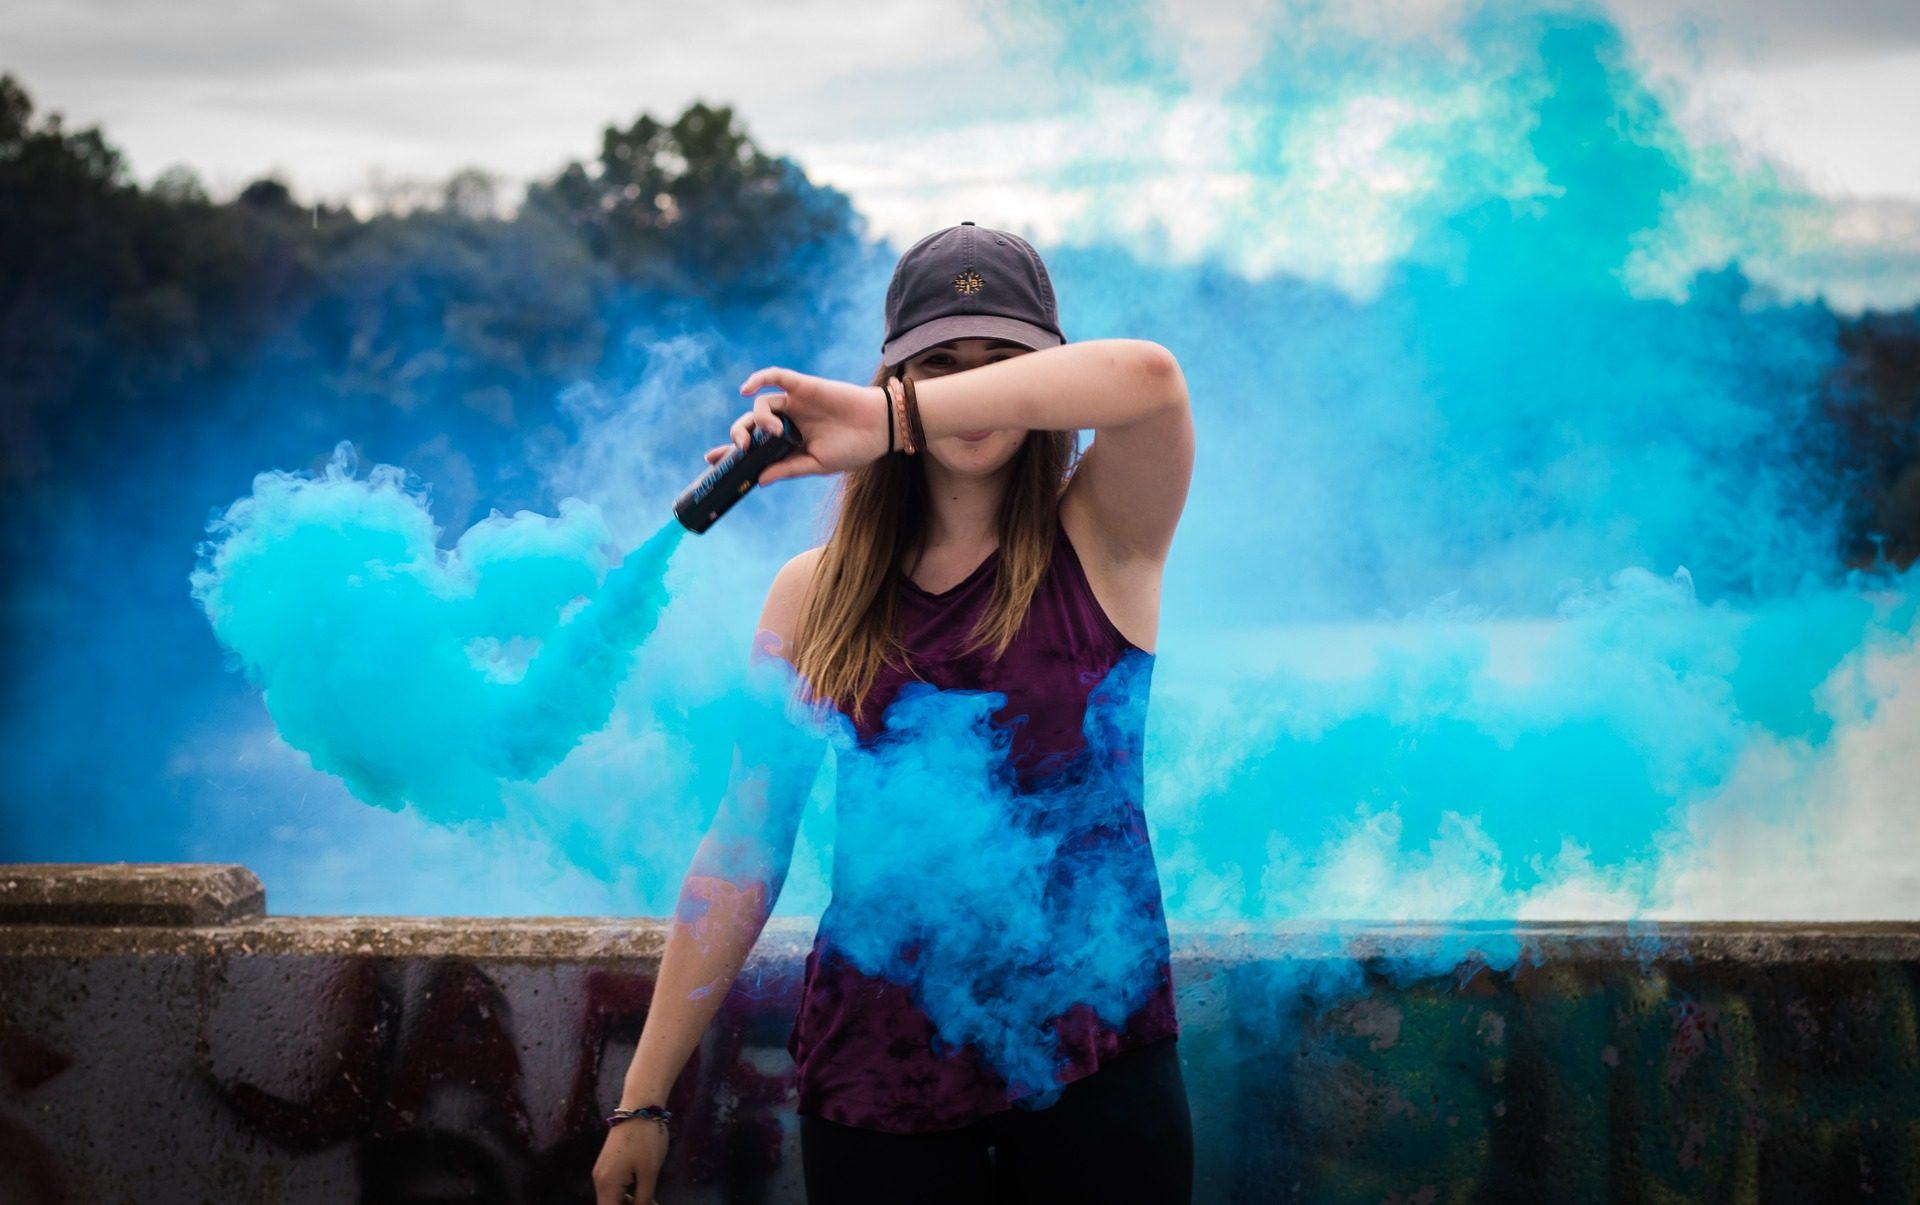 امرأة, كاب, دخان, الأزرق, الهواء - خلفيات عالية الدقة - أستاذ falken.com